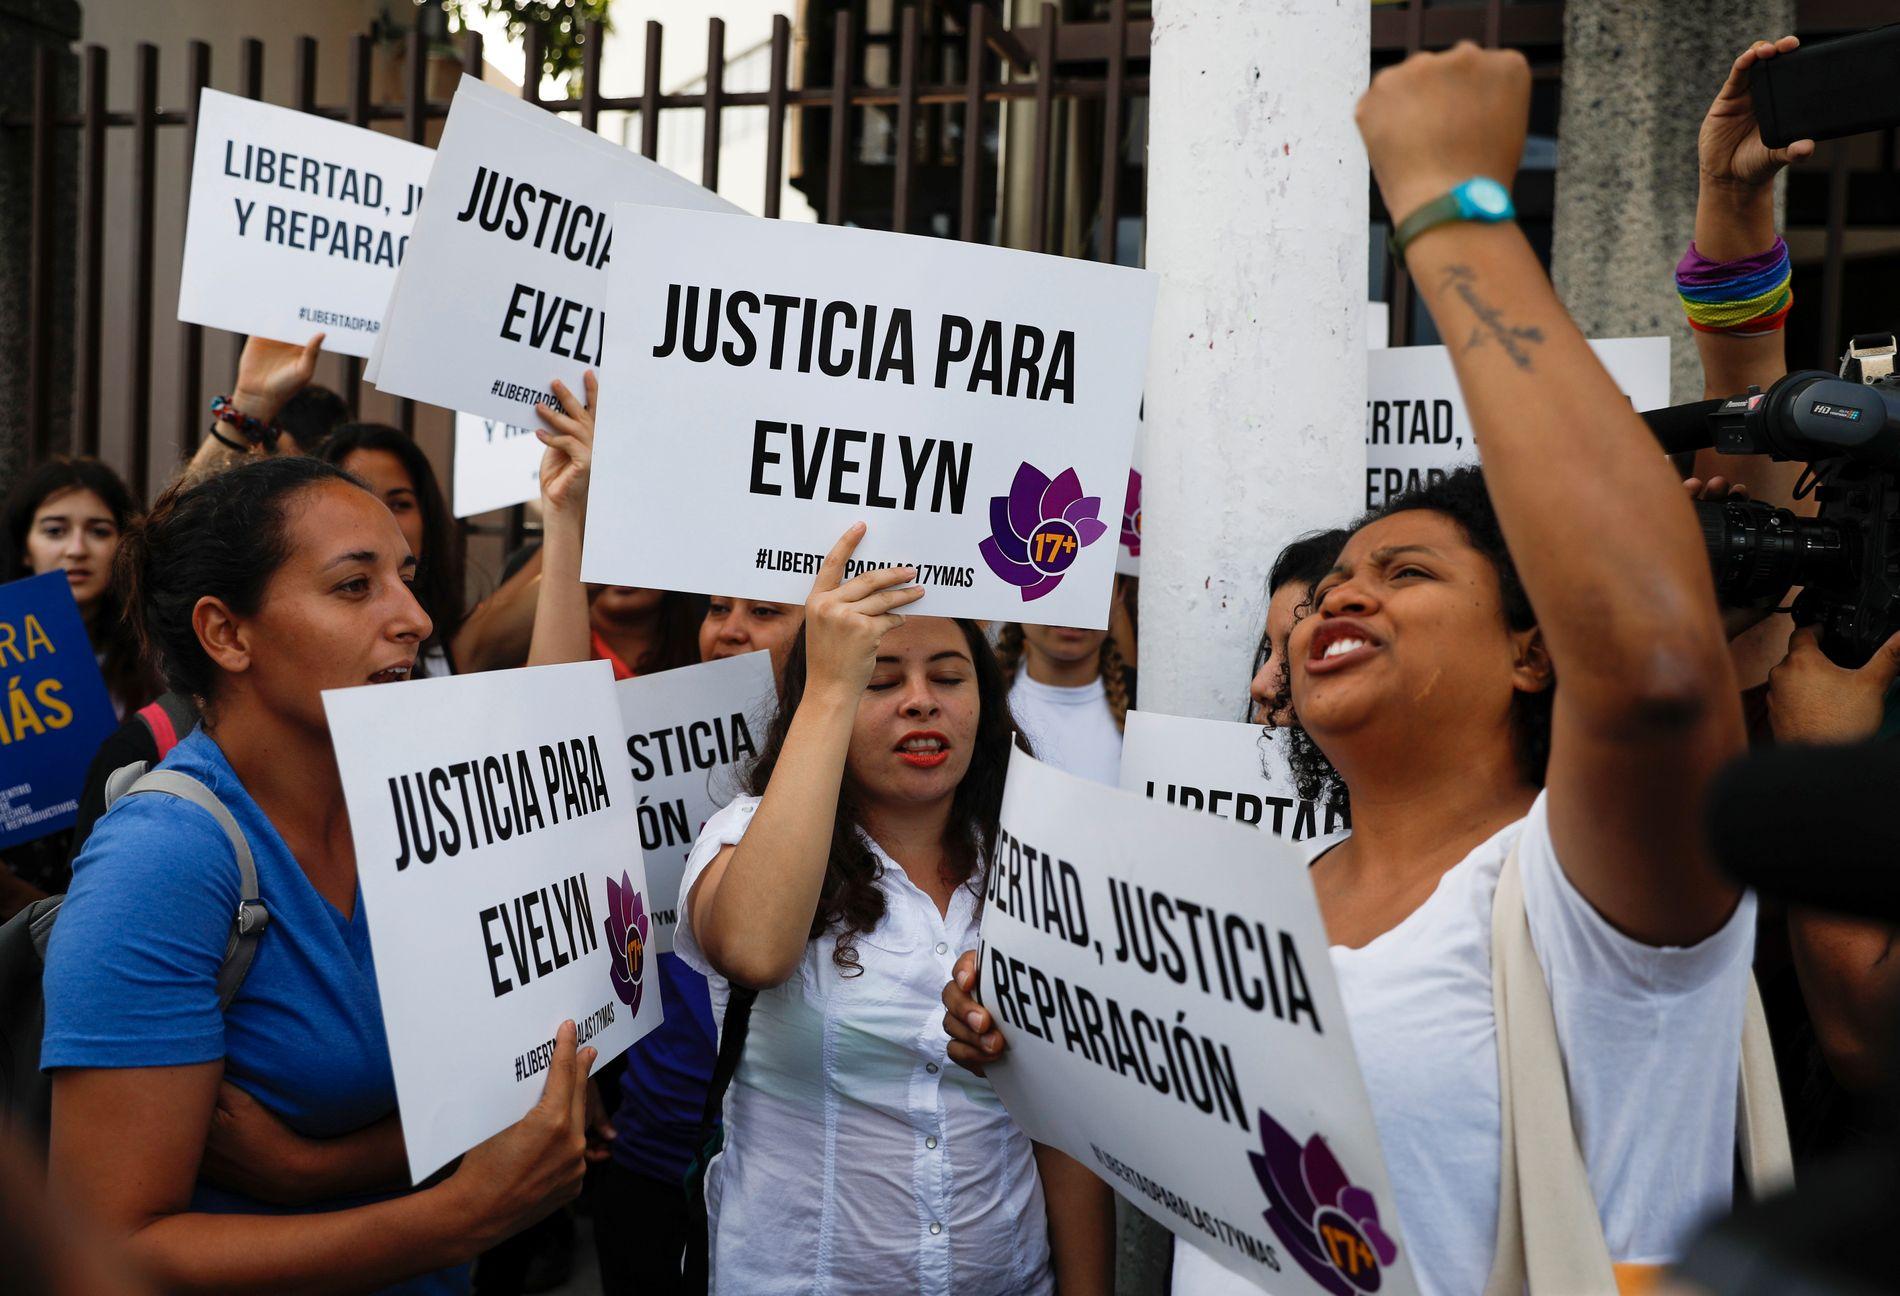 STØTTE: Mange har kjempet for den unge kvinnen som ble dømt til 30 år fengsel for å ha ha drept babyen sin som var dødfødt. Hun er ikke den eneste i El Salvador som går gjennom dette.